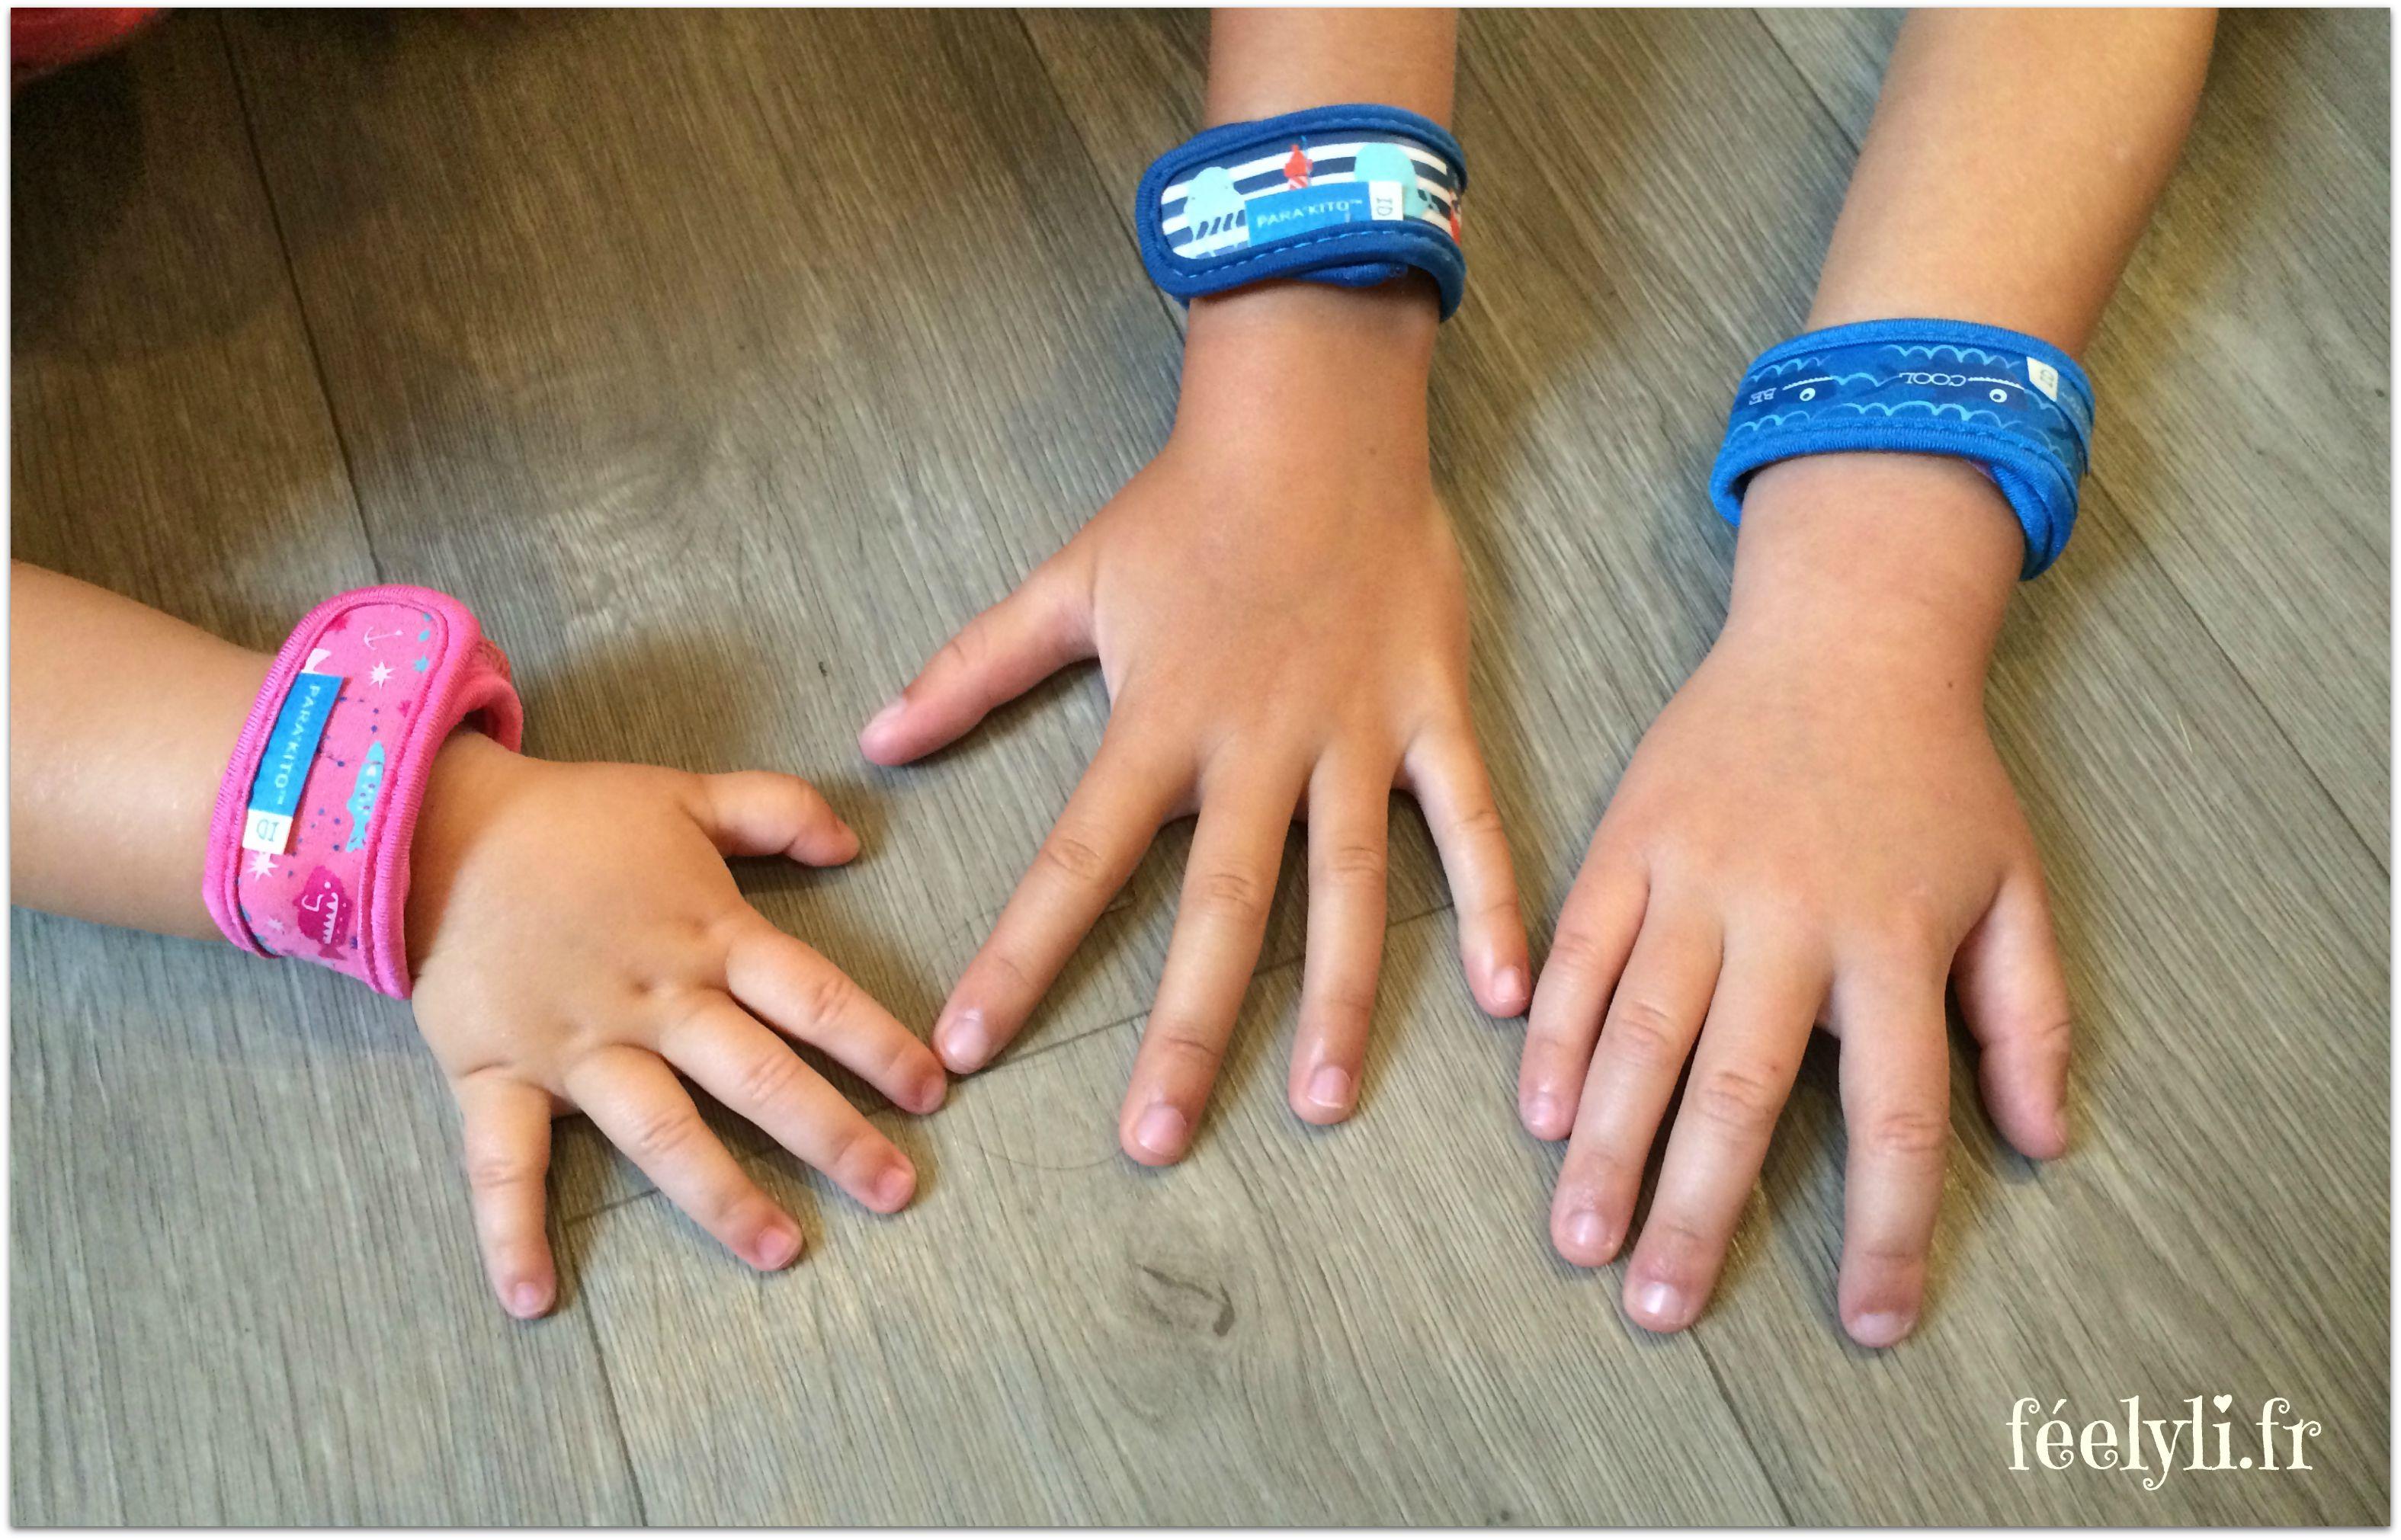 bracelets anti moustiques